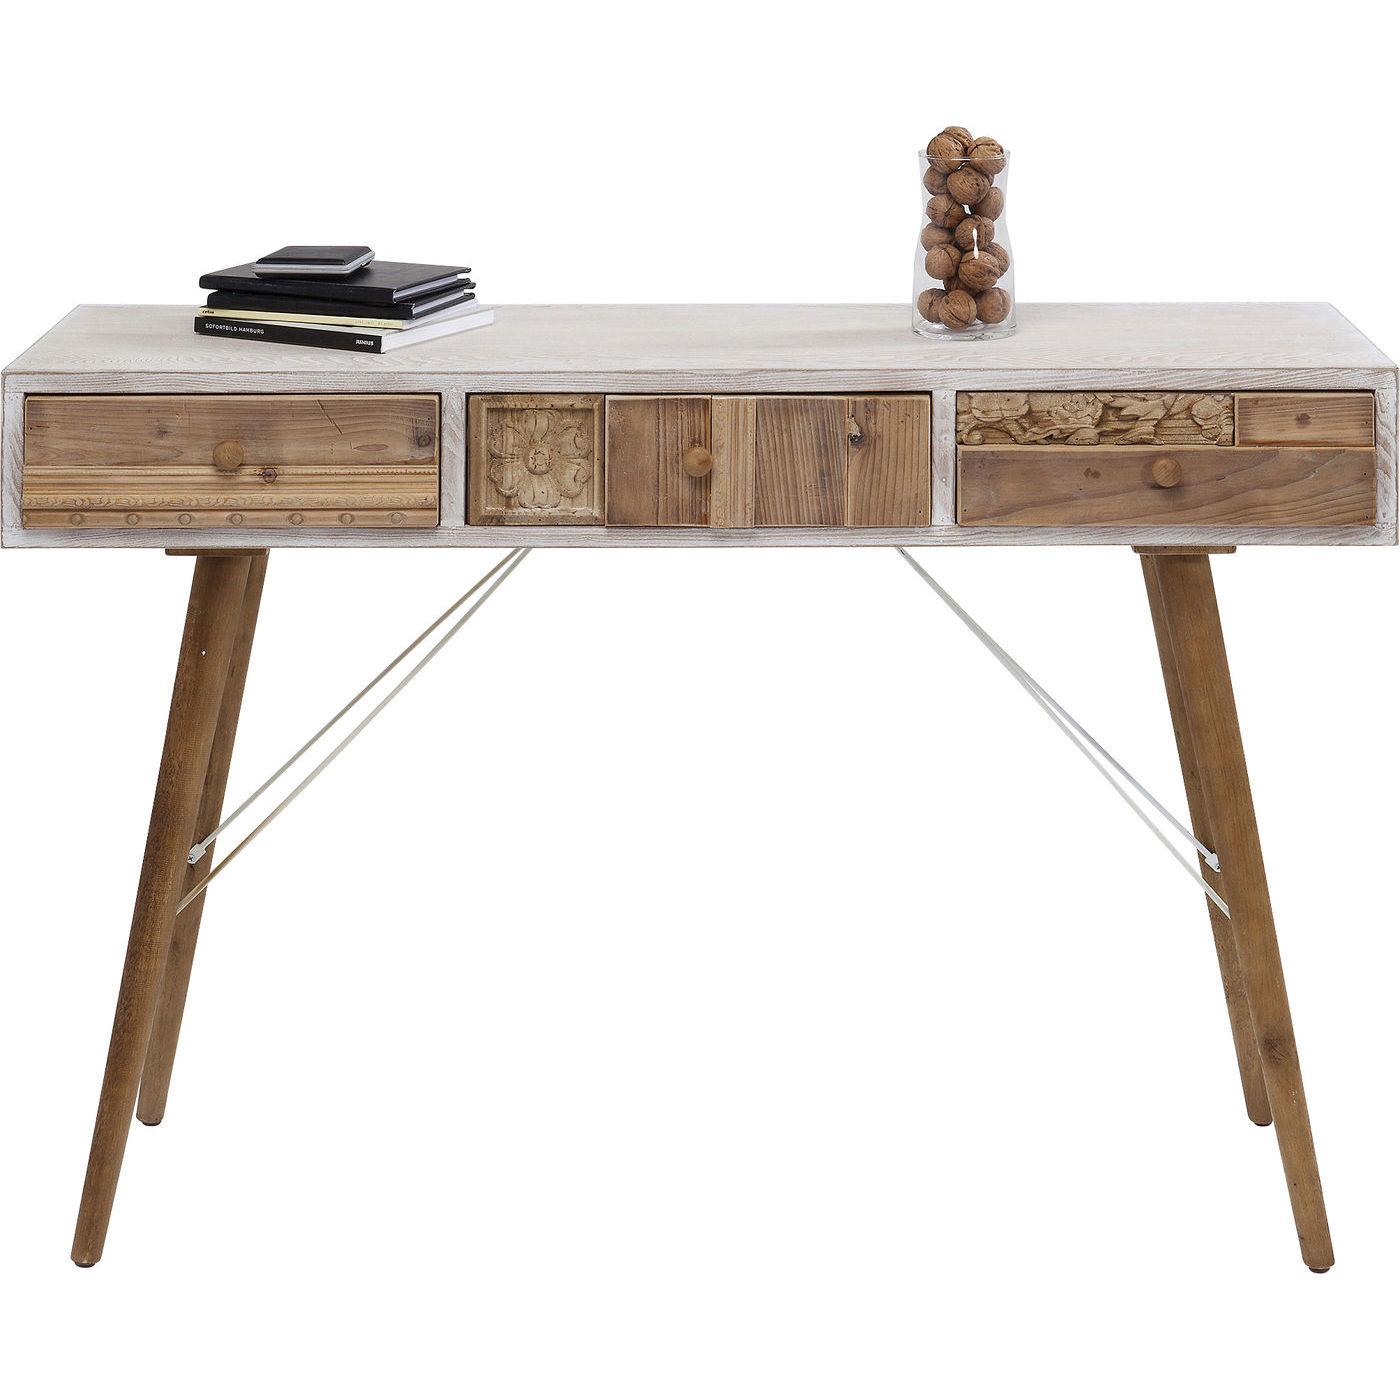 Image of   KARE DESIGN Davos konsolbord - hvidlakeret/natur træ/stål, m. 3 skuffer